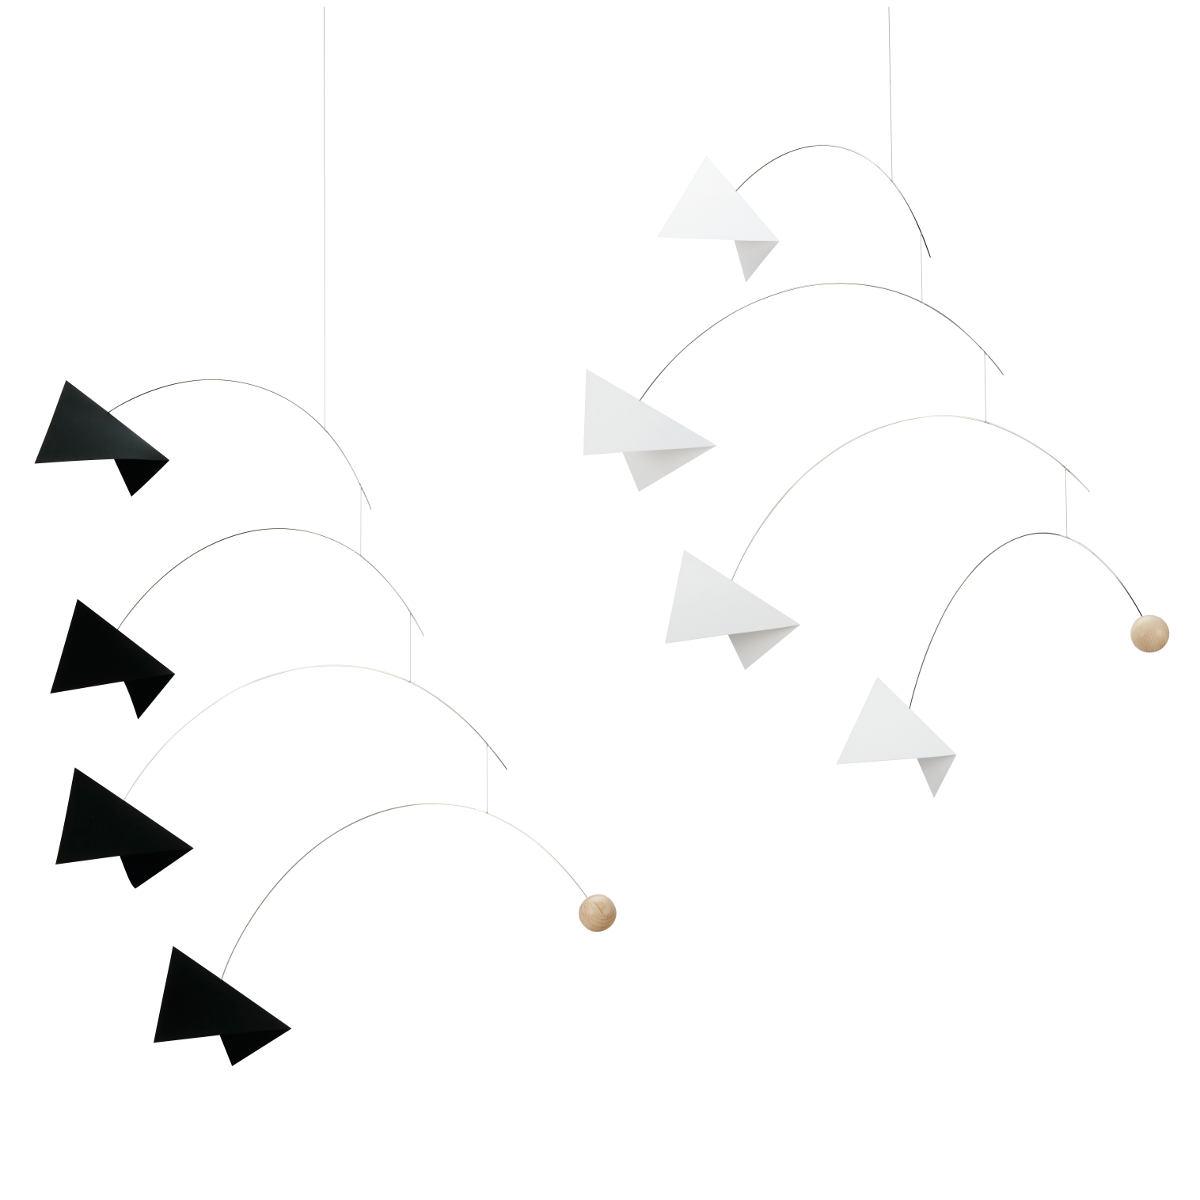 handgefertigtes mobile fatamorgana 60 x 60 von flensted kunstbaron. Black Bedroom Furniture Sets. Home Design Ideas